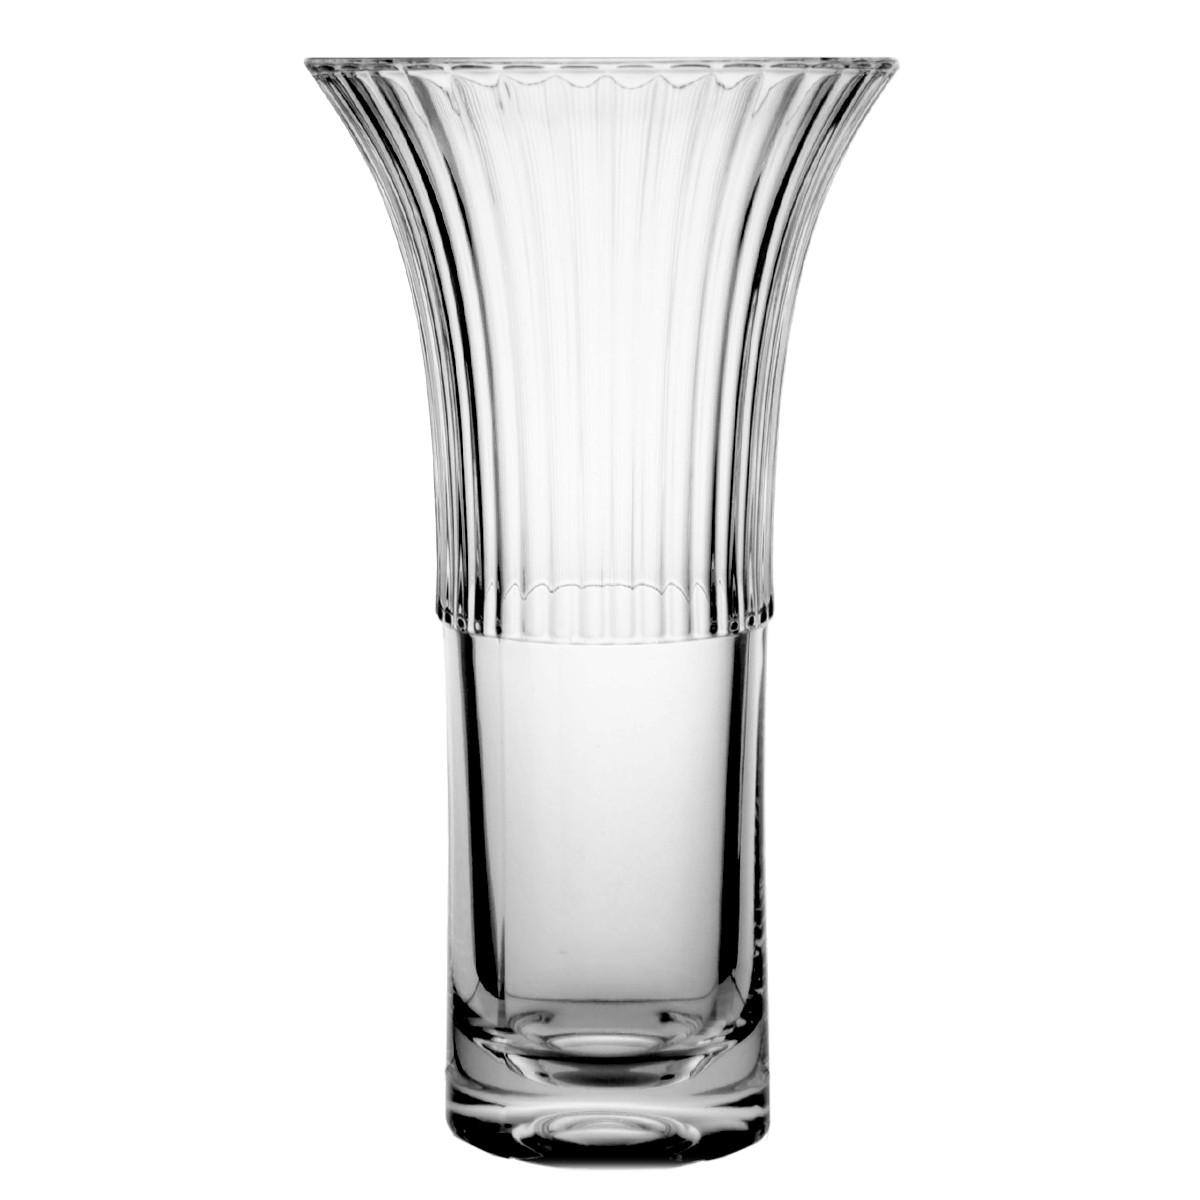 Crystal vase 06396 kolglass hurt export import ryszard kolat crystal flower vase 2956 reviewsmspy